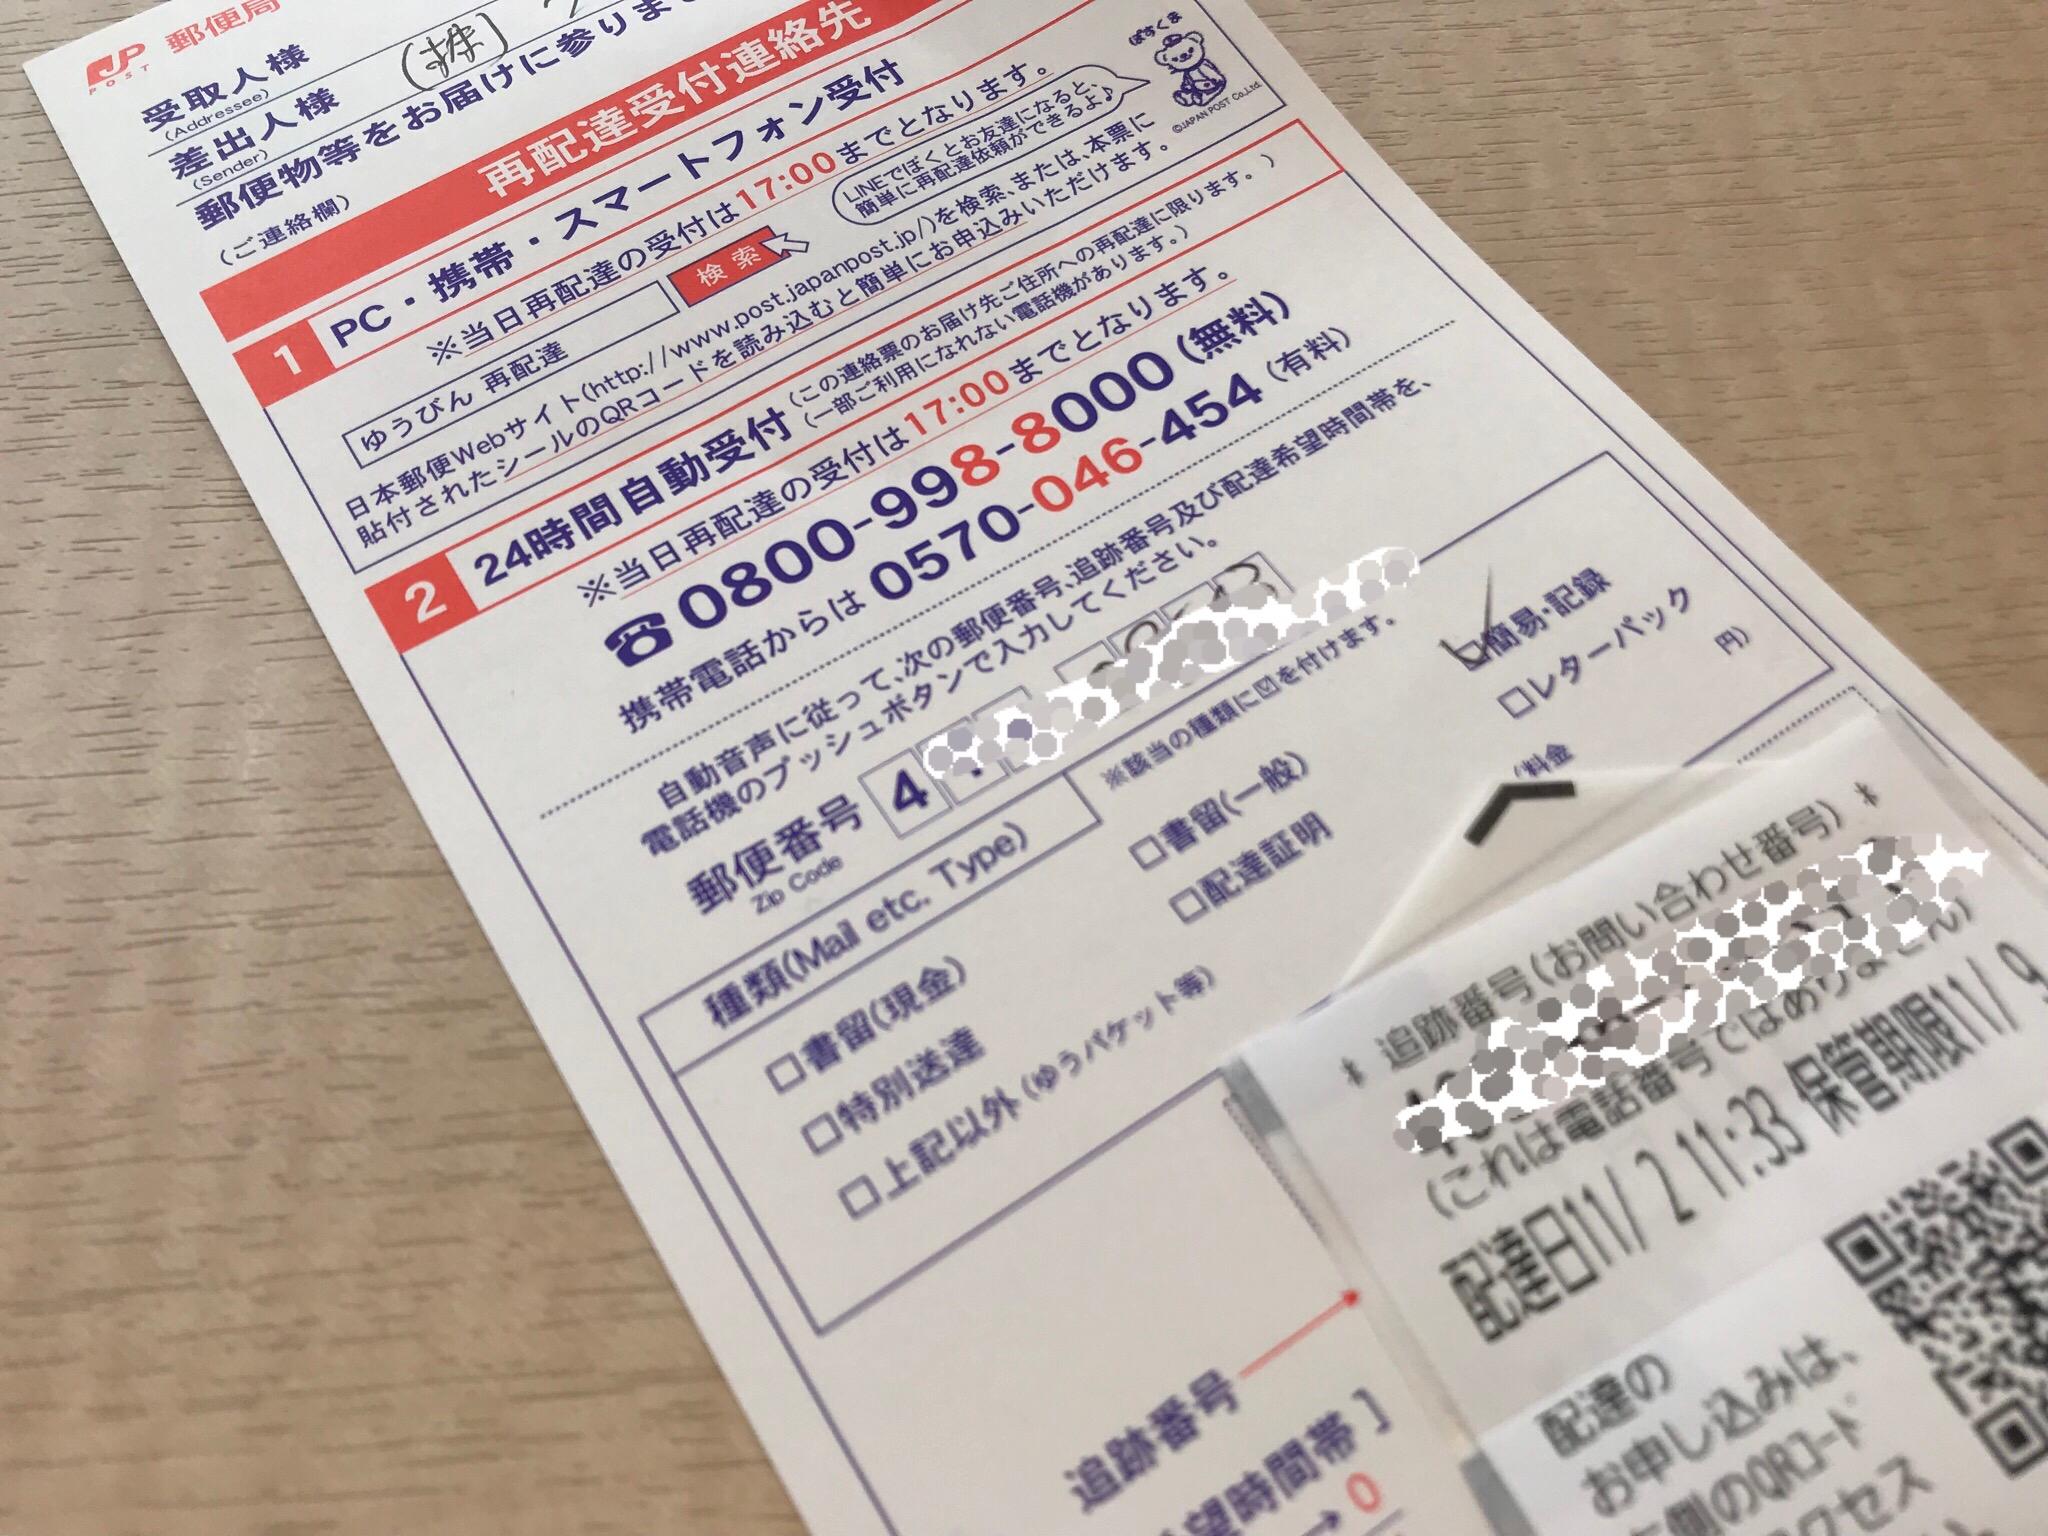 【発見】面倒な郵便局の再配達受付が1分で終わる方法